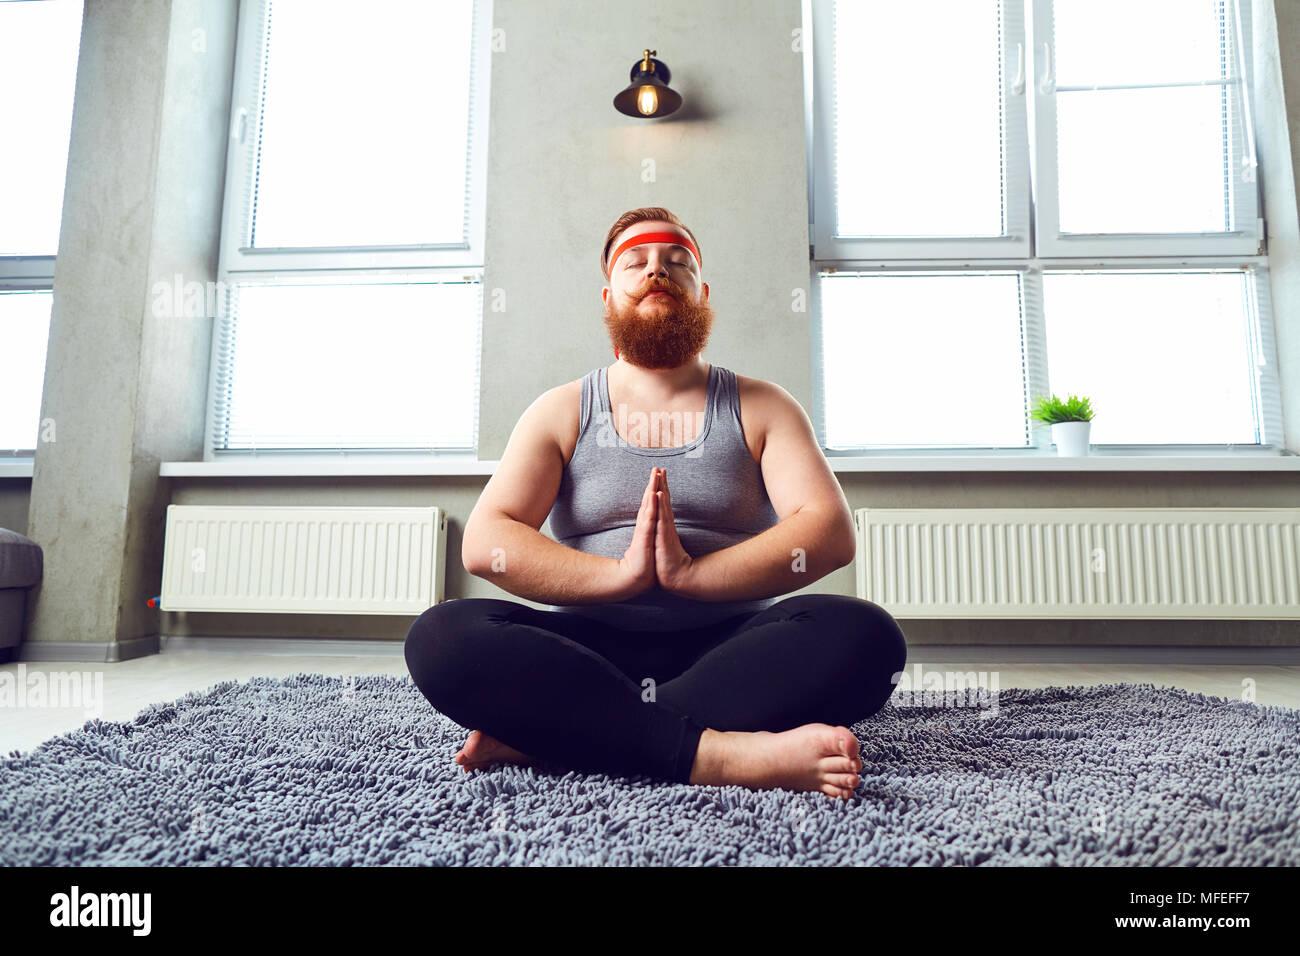 Un gracioso fat hombre barbado en ropa deportiva hace yoga en la habitación. Imagen De Stock